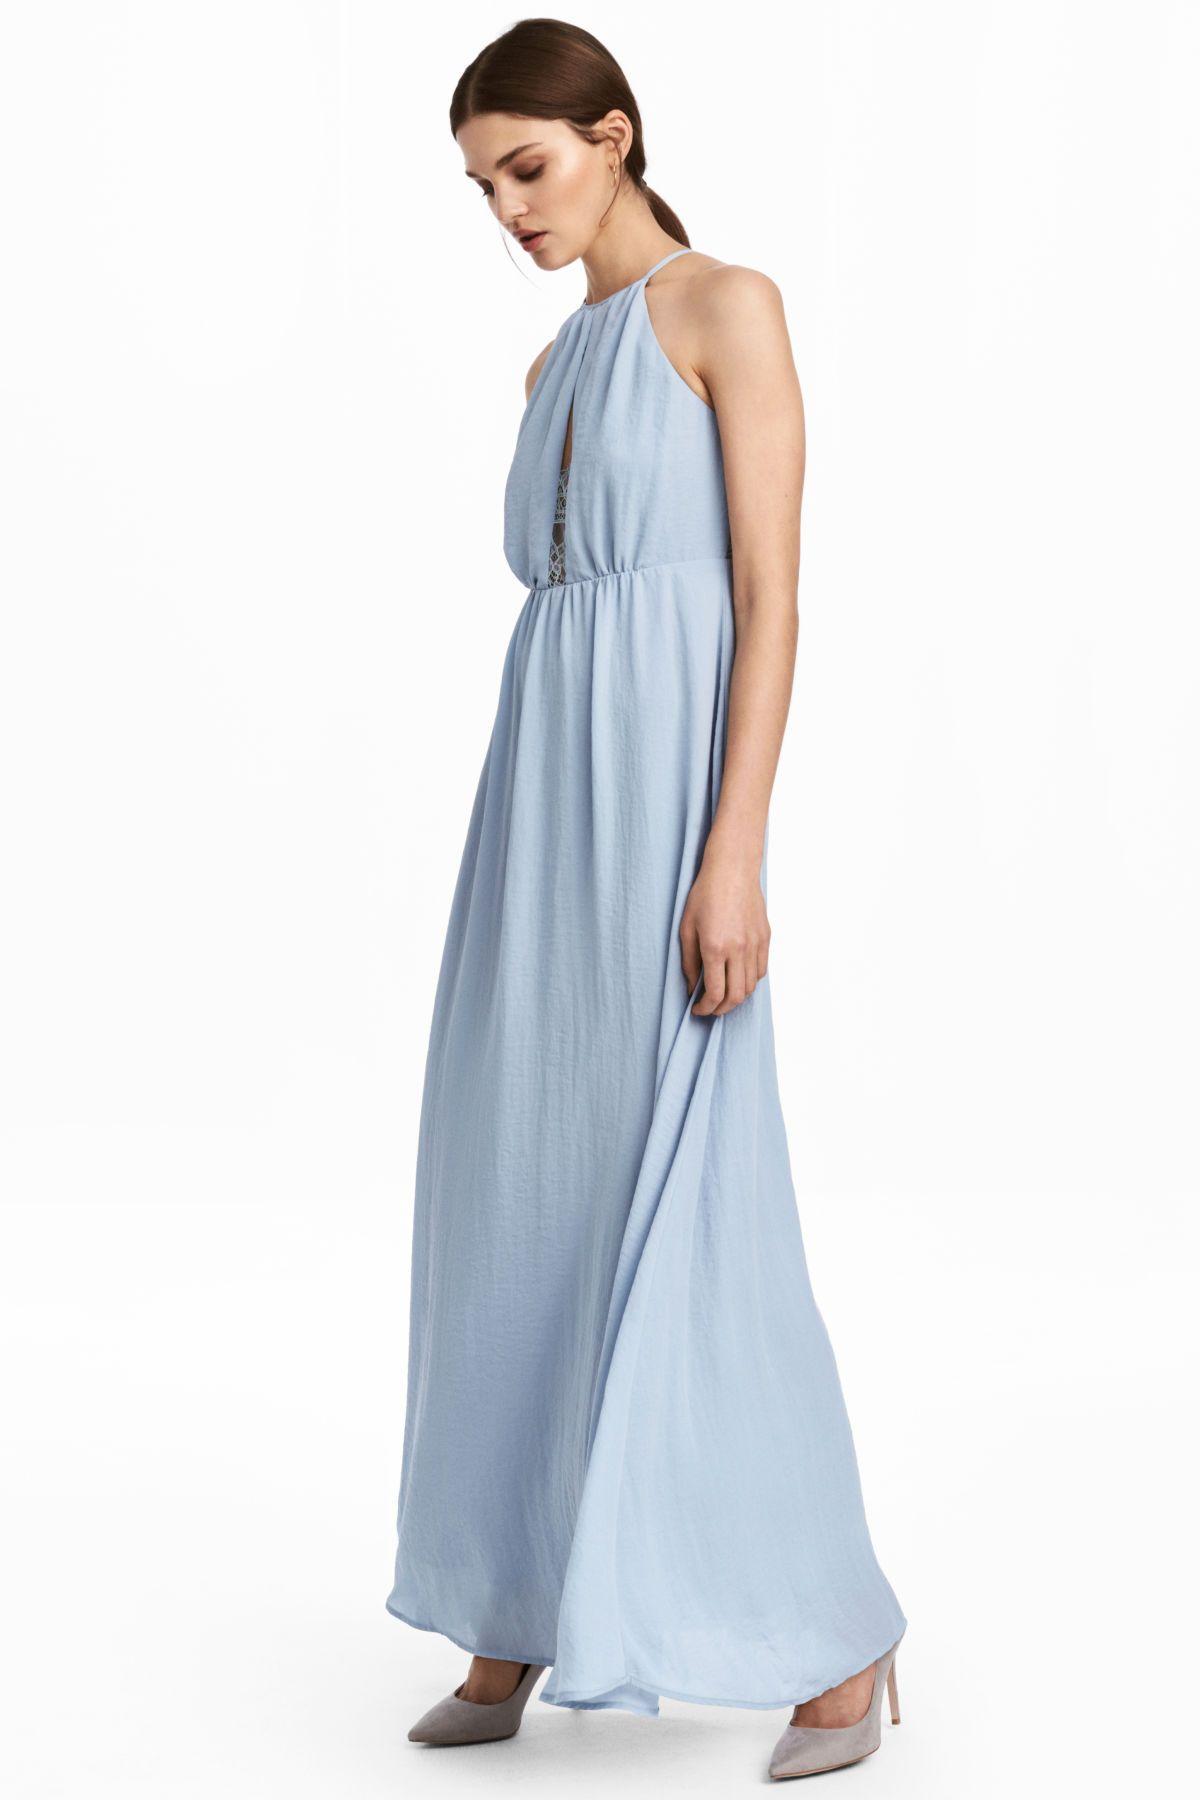 c8b5de38a4f0b Long Dress with Lace Back | Light dusky blue | WOMEN | H&M US ...